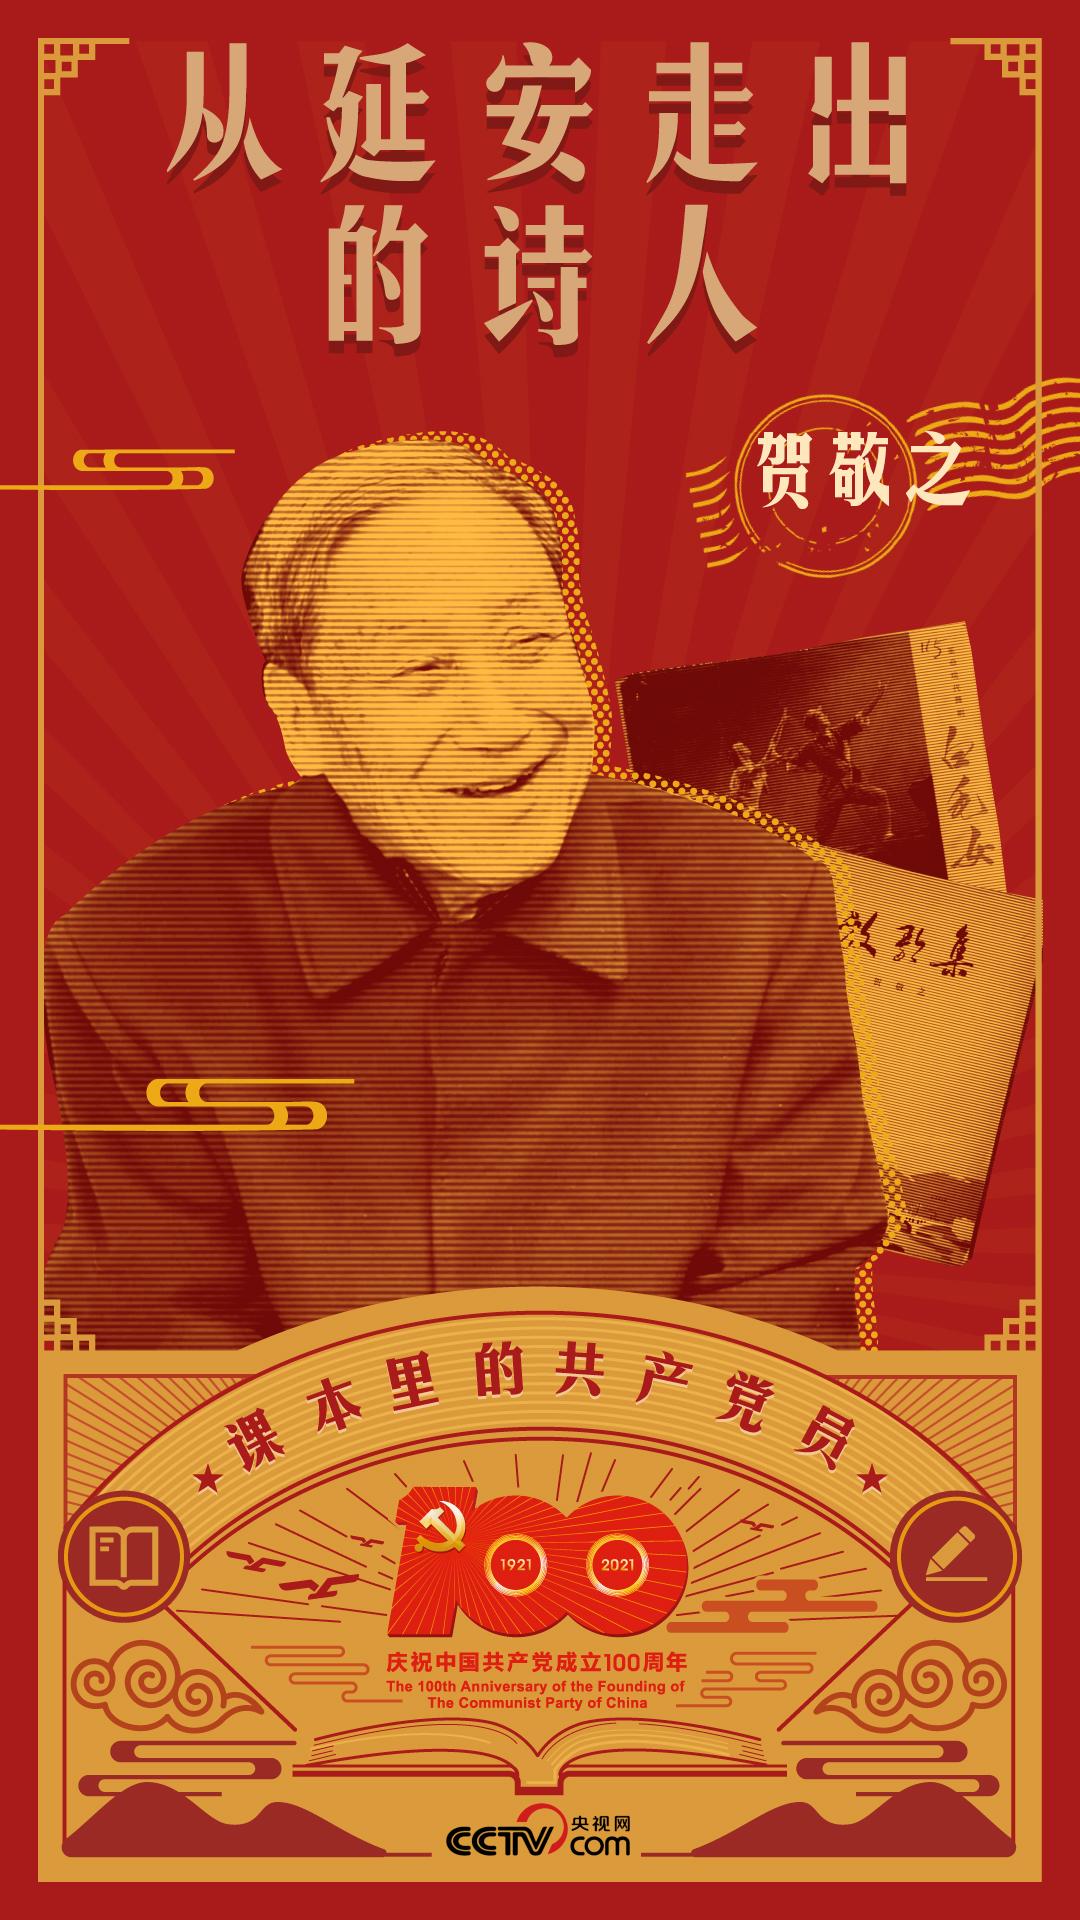 课本里的共产党员丨贺敬之:从延安走出的诗人